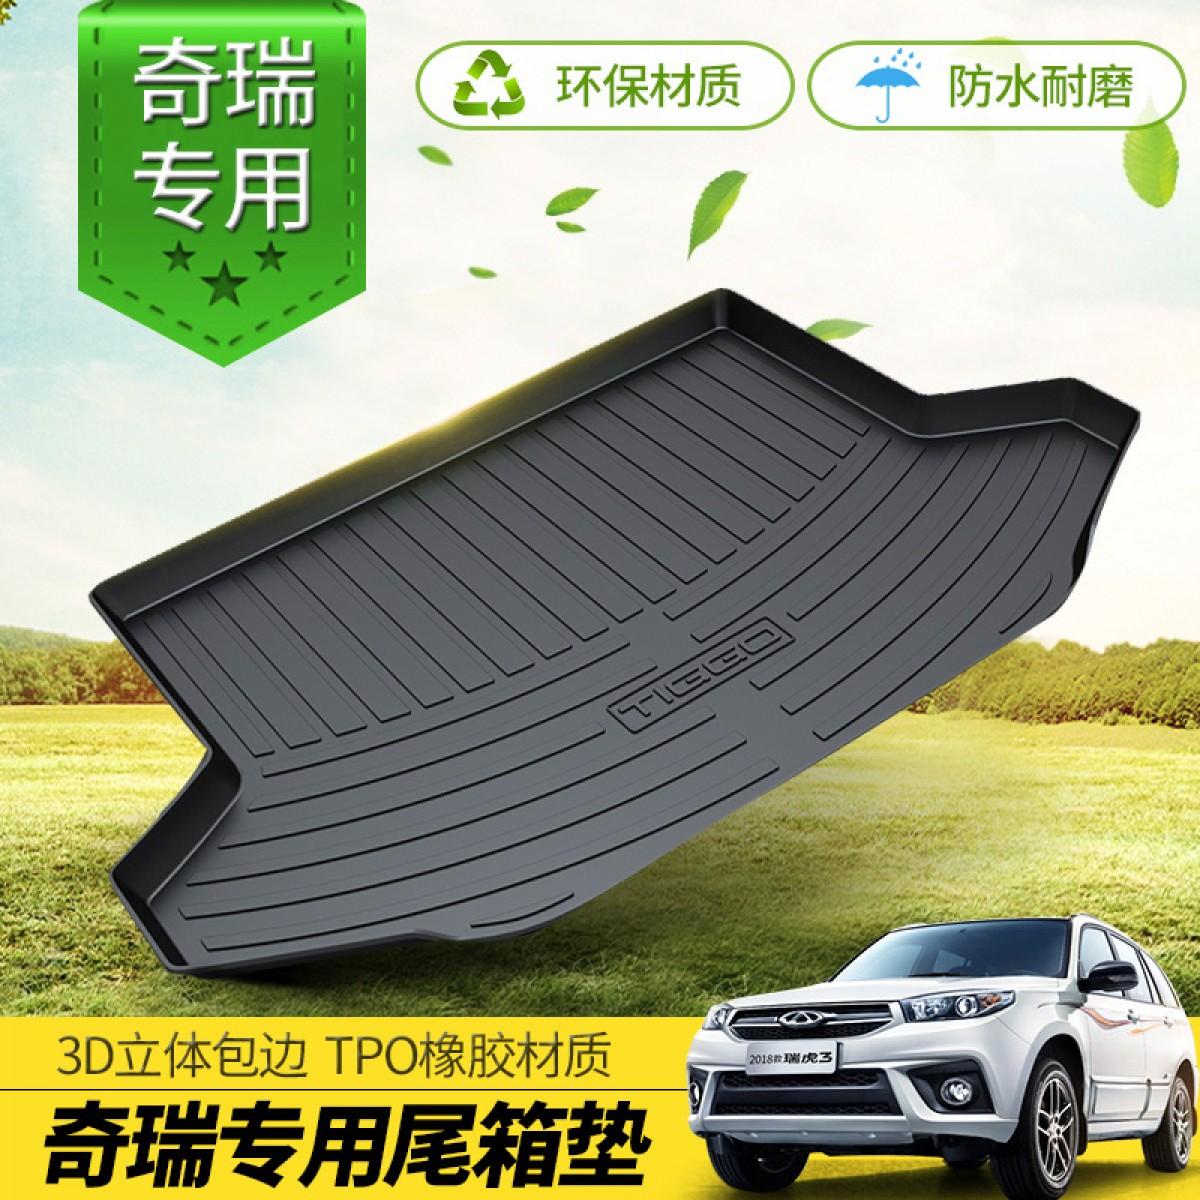 2018新款奇瑞瑞虎358汽车后备箱垫艾瑞泽星途观致TPO防水尾箱垫